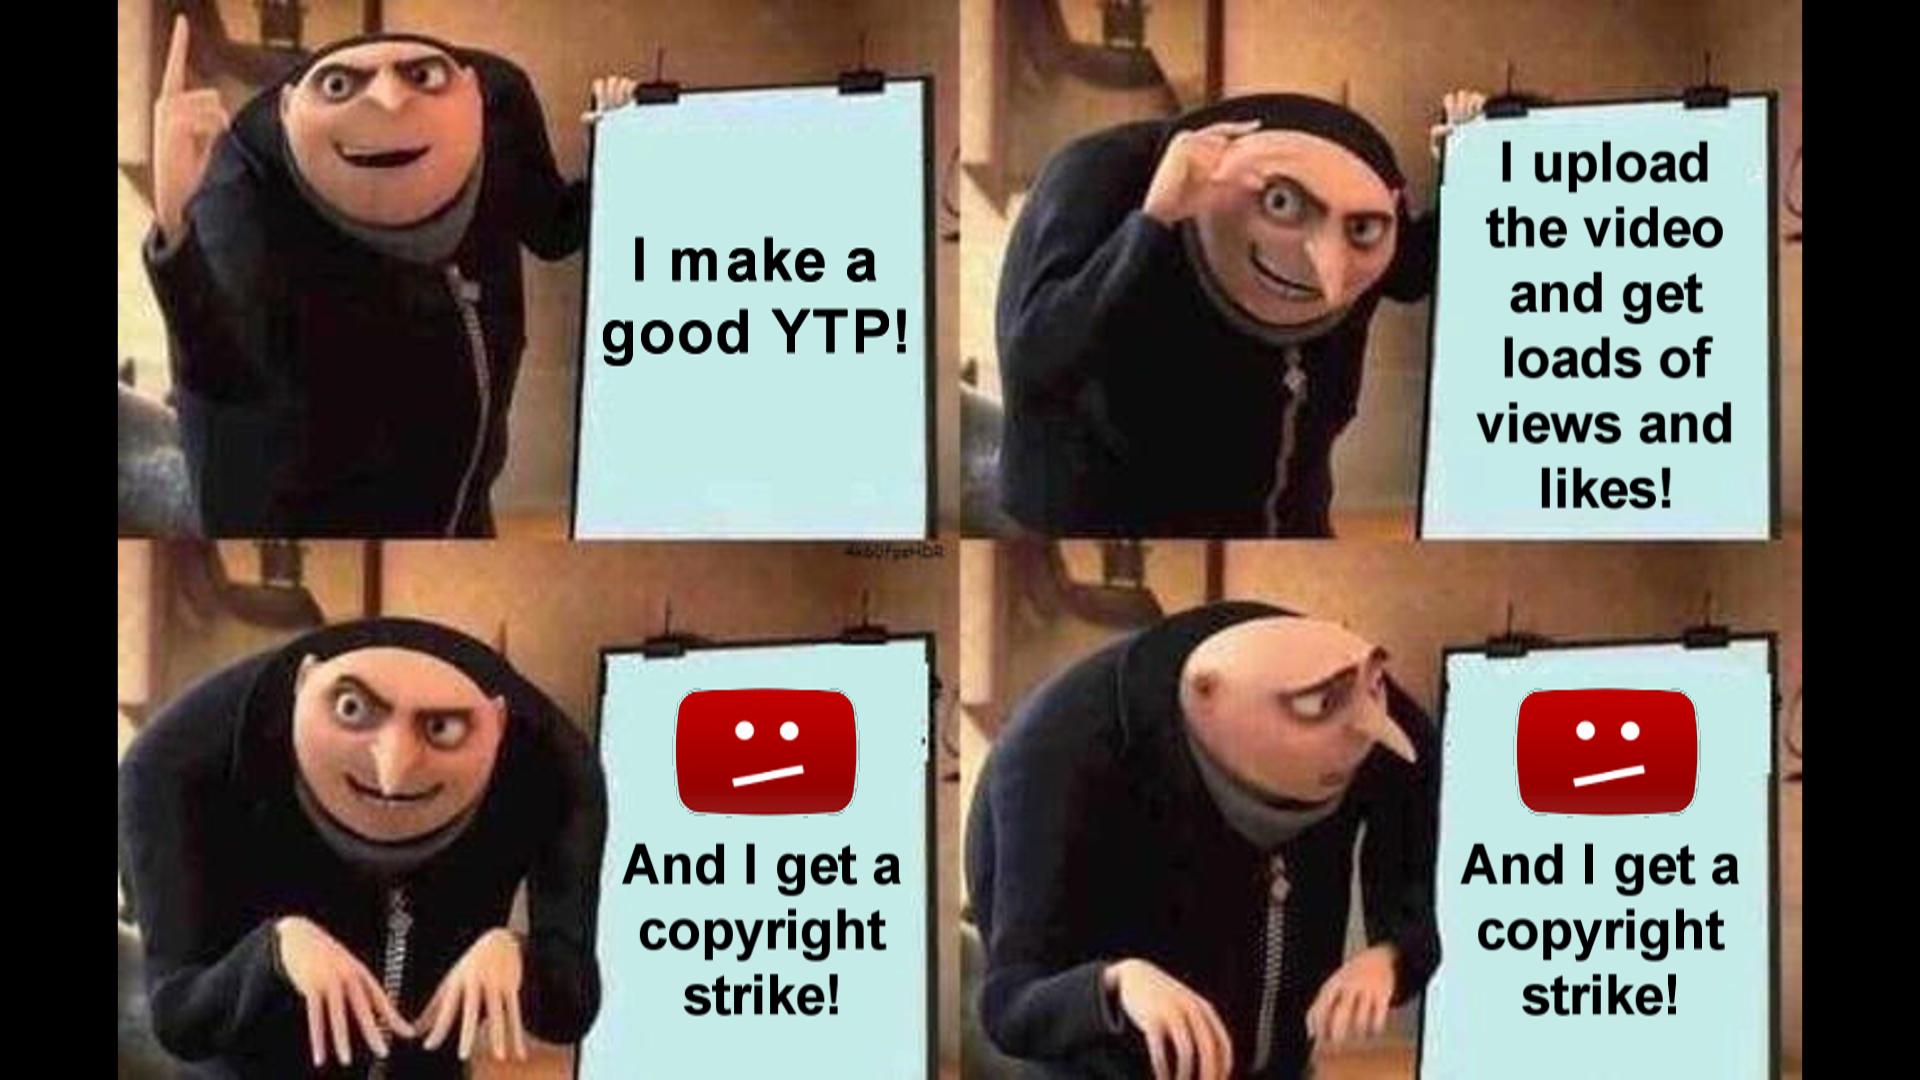 Gru Plan Meme Template Beautiful Poop In A Nutshell Gru S Plan